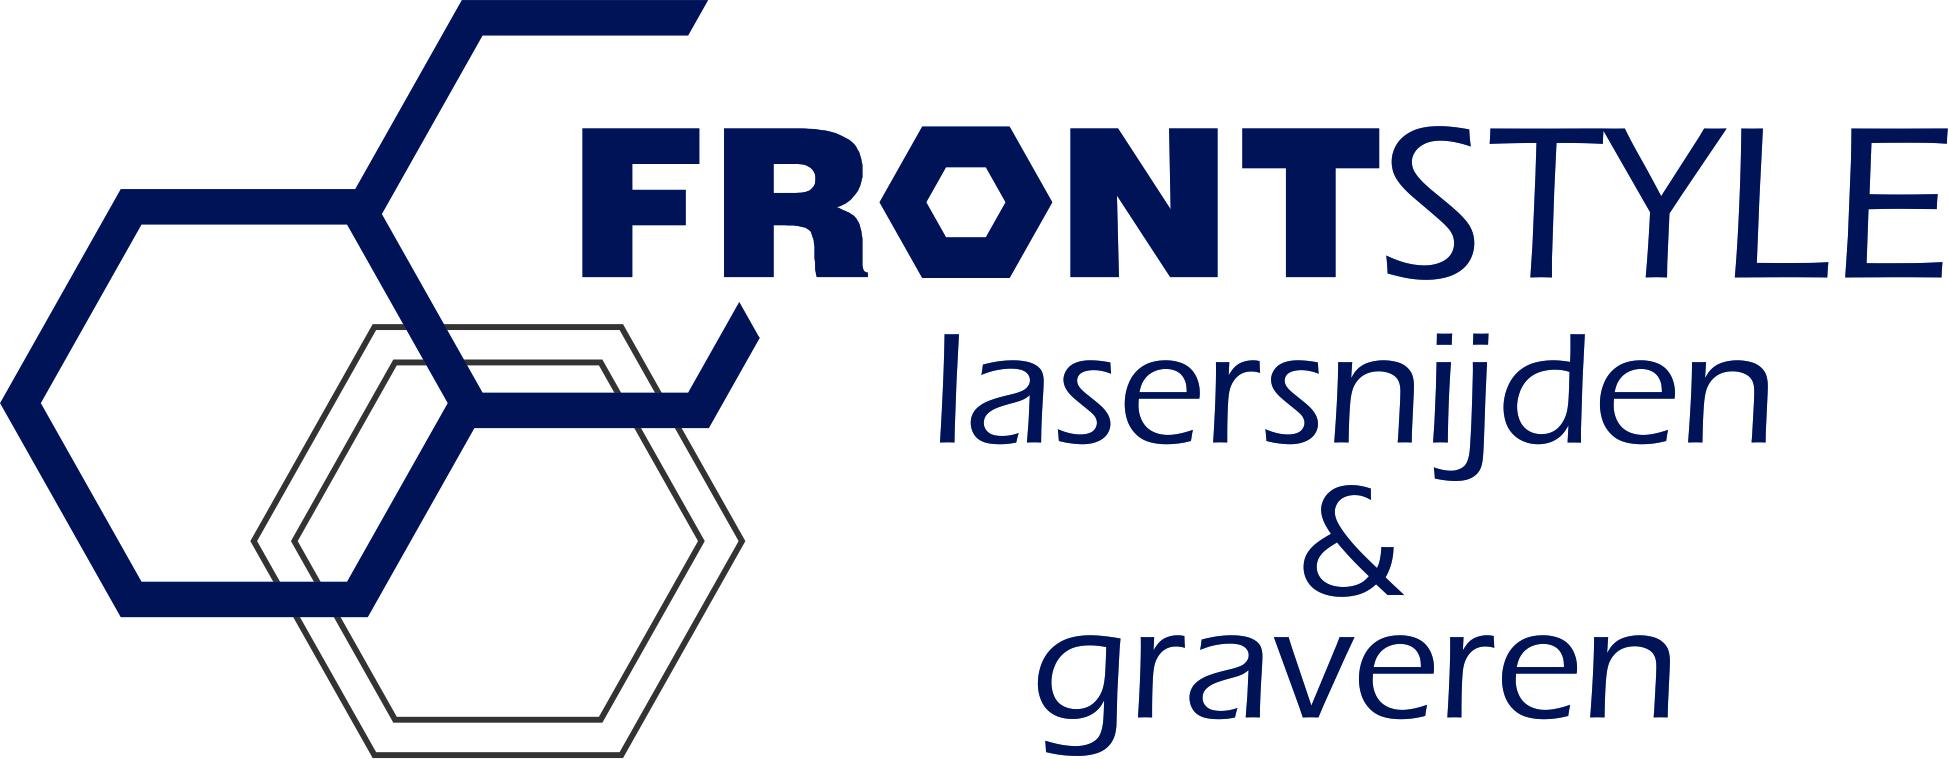 Frontstyle Lasersnijden & Graveren